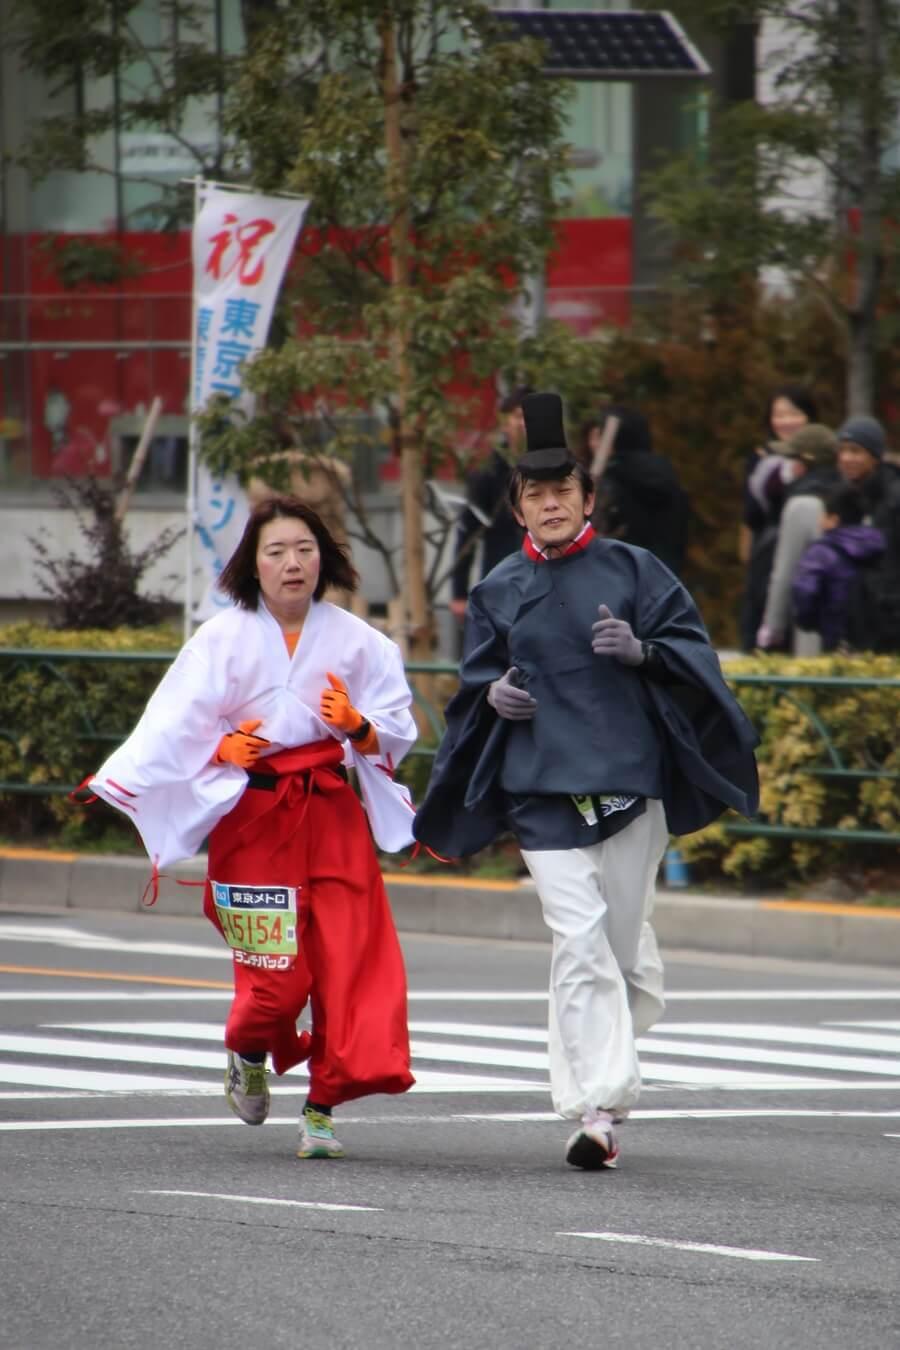 tokyo_marathon_2015 (18)